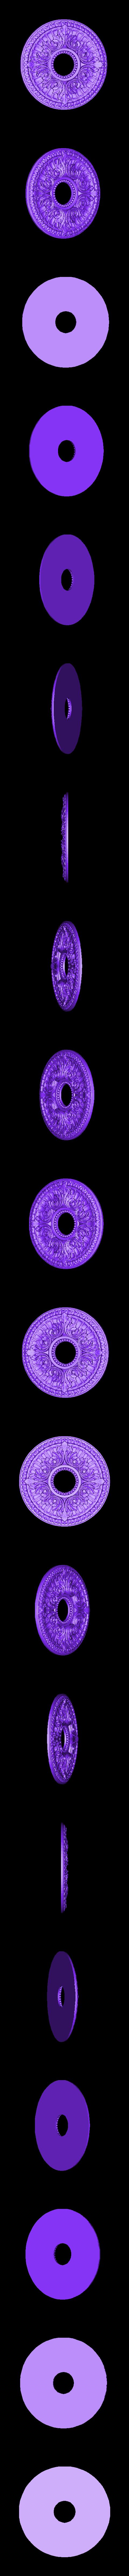 31.stl Télécharger fichier OBJ gratuit Moulures vintage pour vieux appartements classiques cnc art machine à router 3D printed • Modèle à imprimer en 3D, 3DPrinterFiles